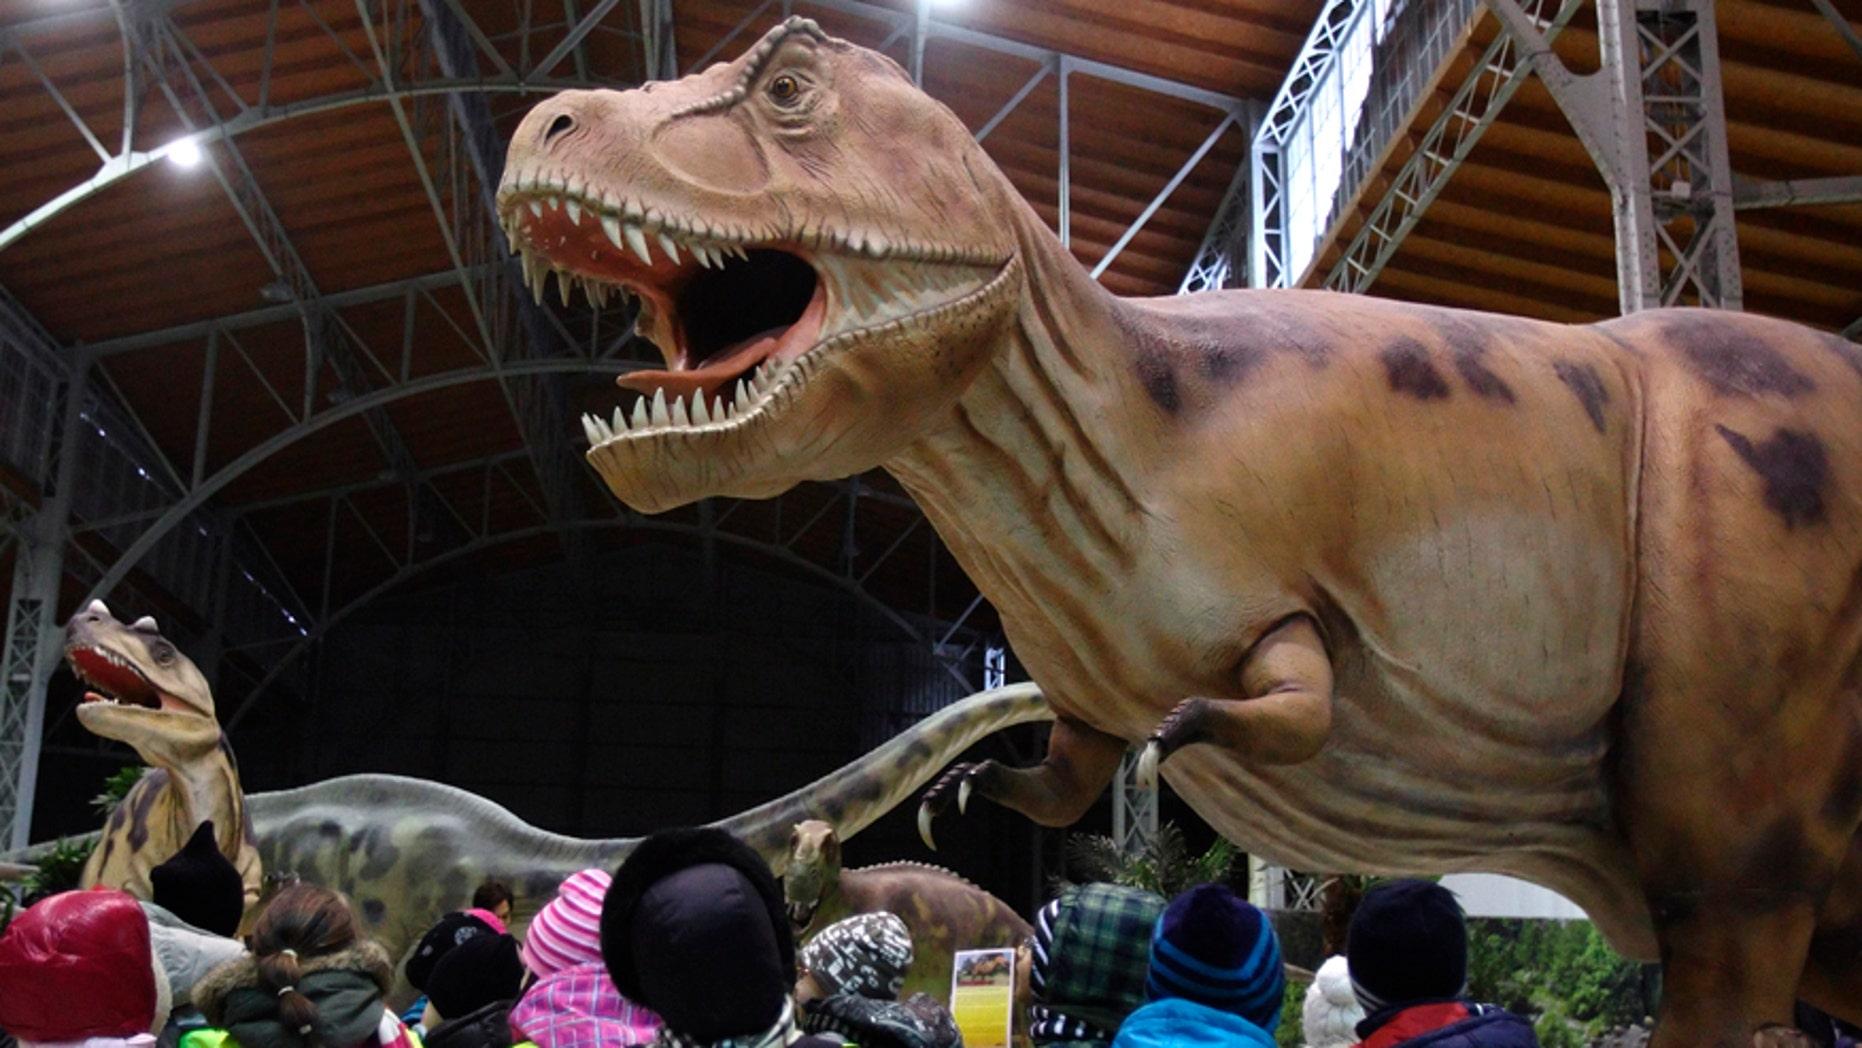 Children watch a life-sized Tyrannosaurus Rex dinosaur model in Vienna Feb. 7, 2014.